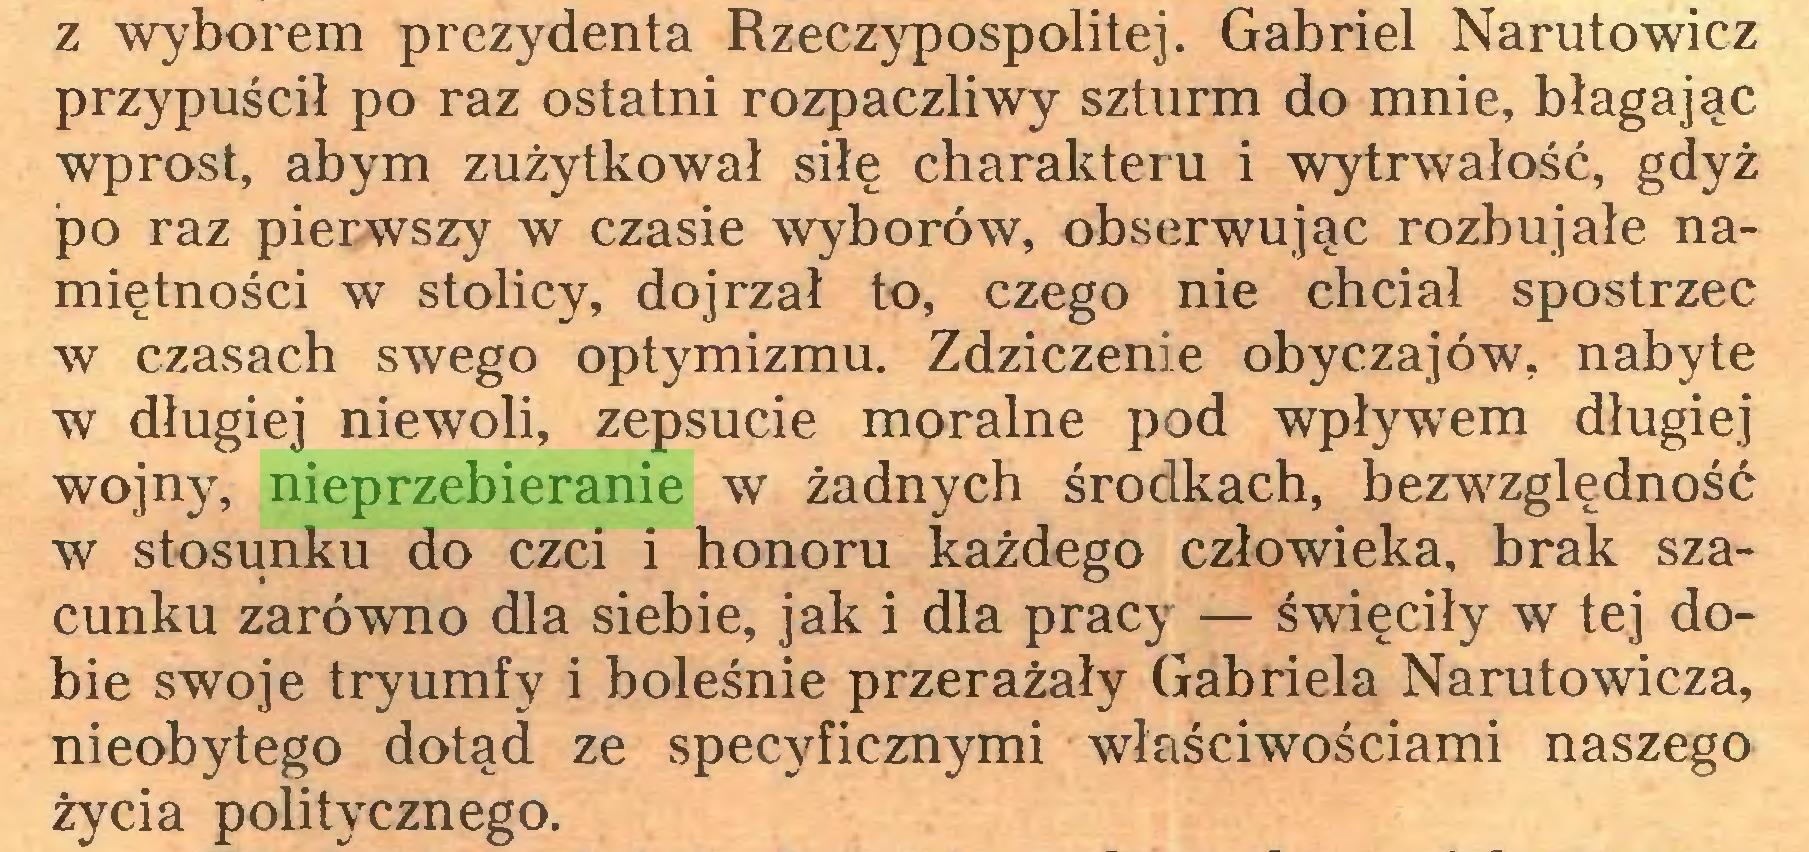 (...) z wyborem prezydenta Rzeczypospolitej. Gabriel Narutowicz przypuścił po raz ostatni rozpaczliwy szturm do mnie, błagając wprost, abym zużytkował siłę charakteru i wytrwałość, gdyż po raz pierwszy w czasie wyborów, obserwując rozbujałe namiętności w stolicy, dojrzał to, czego nie chciał spostrzec w czasach swego optymizmu. Zdziczenie obyczajów, nabyte w długiej niewoli, zepsucie moralne pod wpływem długiej wojny, nieprzebieranie w żadnych środkach, bezwzględność w stosunku do czci i honoru każdego człowieka, brak szacunku zarówno dla siebie, jak i dla pracy — święciły w tej dobie swoje tryumfy i boleśnie przerażały Gabriela Narutowicza, nieobytego dotąd ze specyficznymi właściwościami naszego życia politycznego...